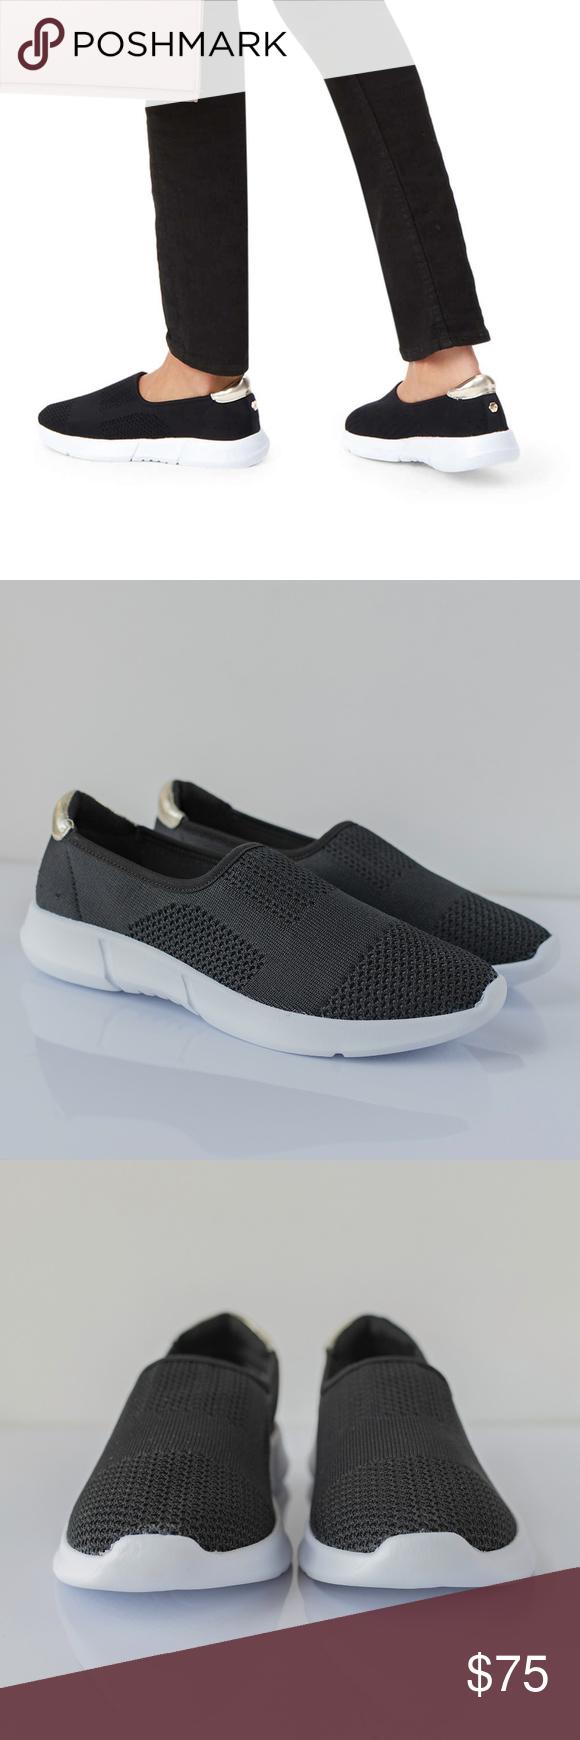 Carvela comfort, Slip on trainers